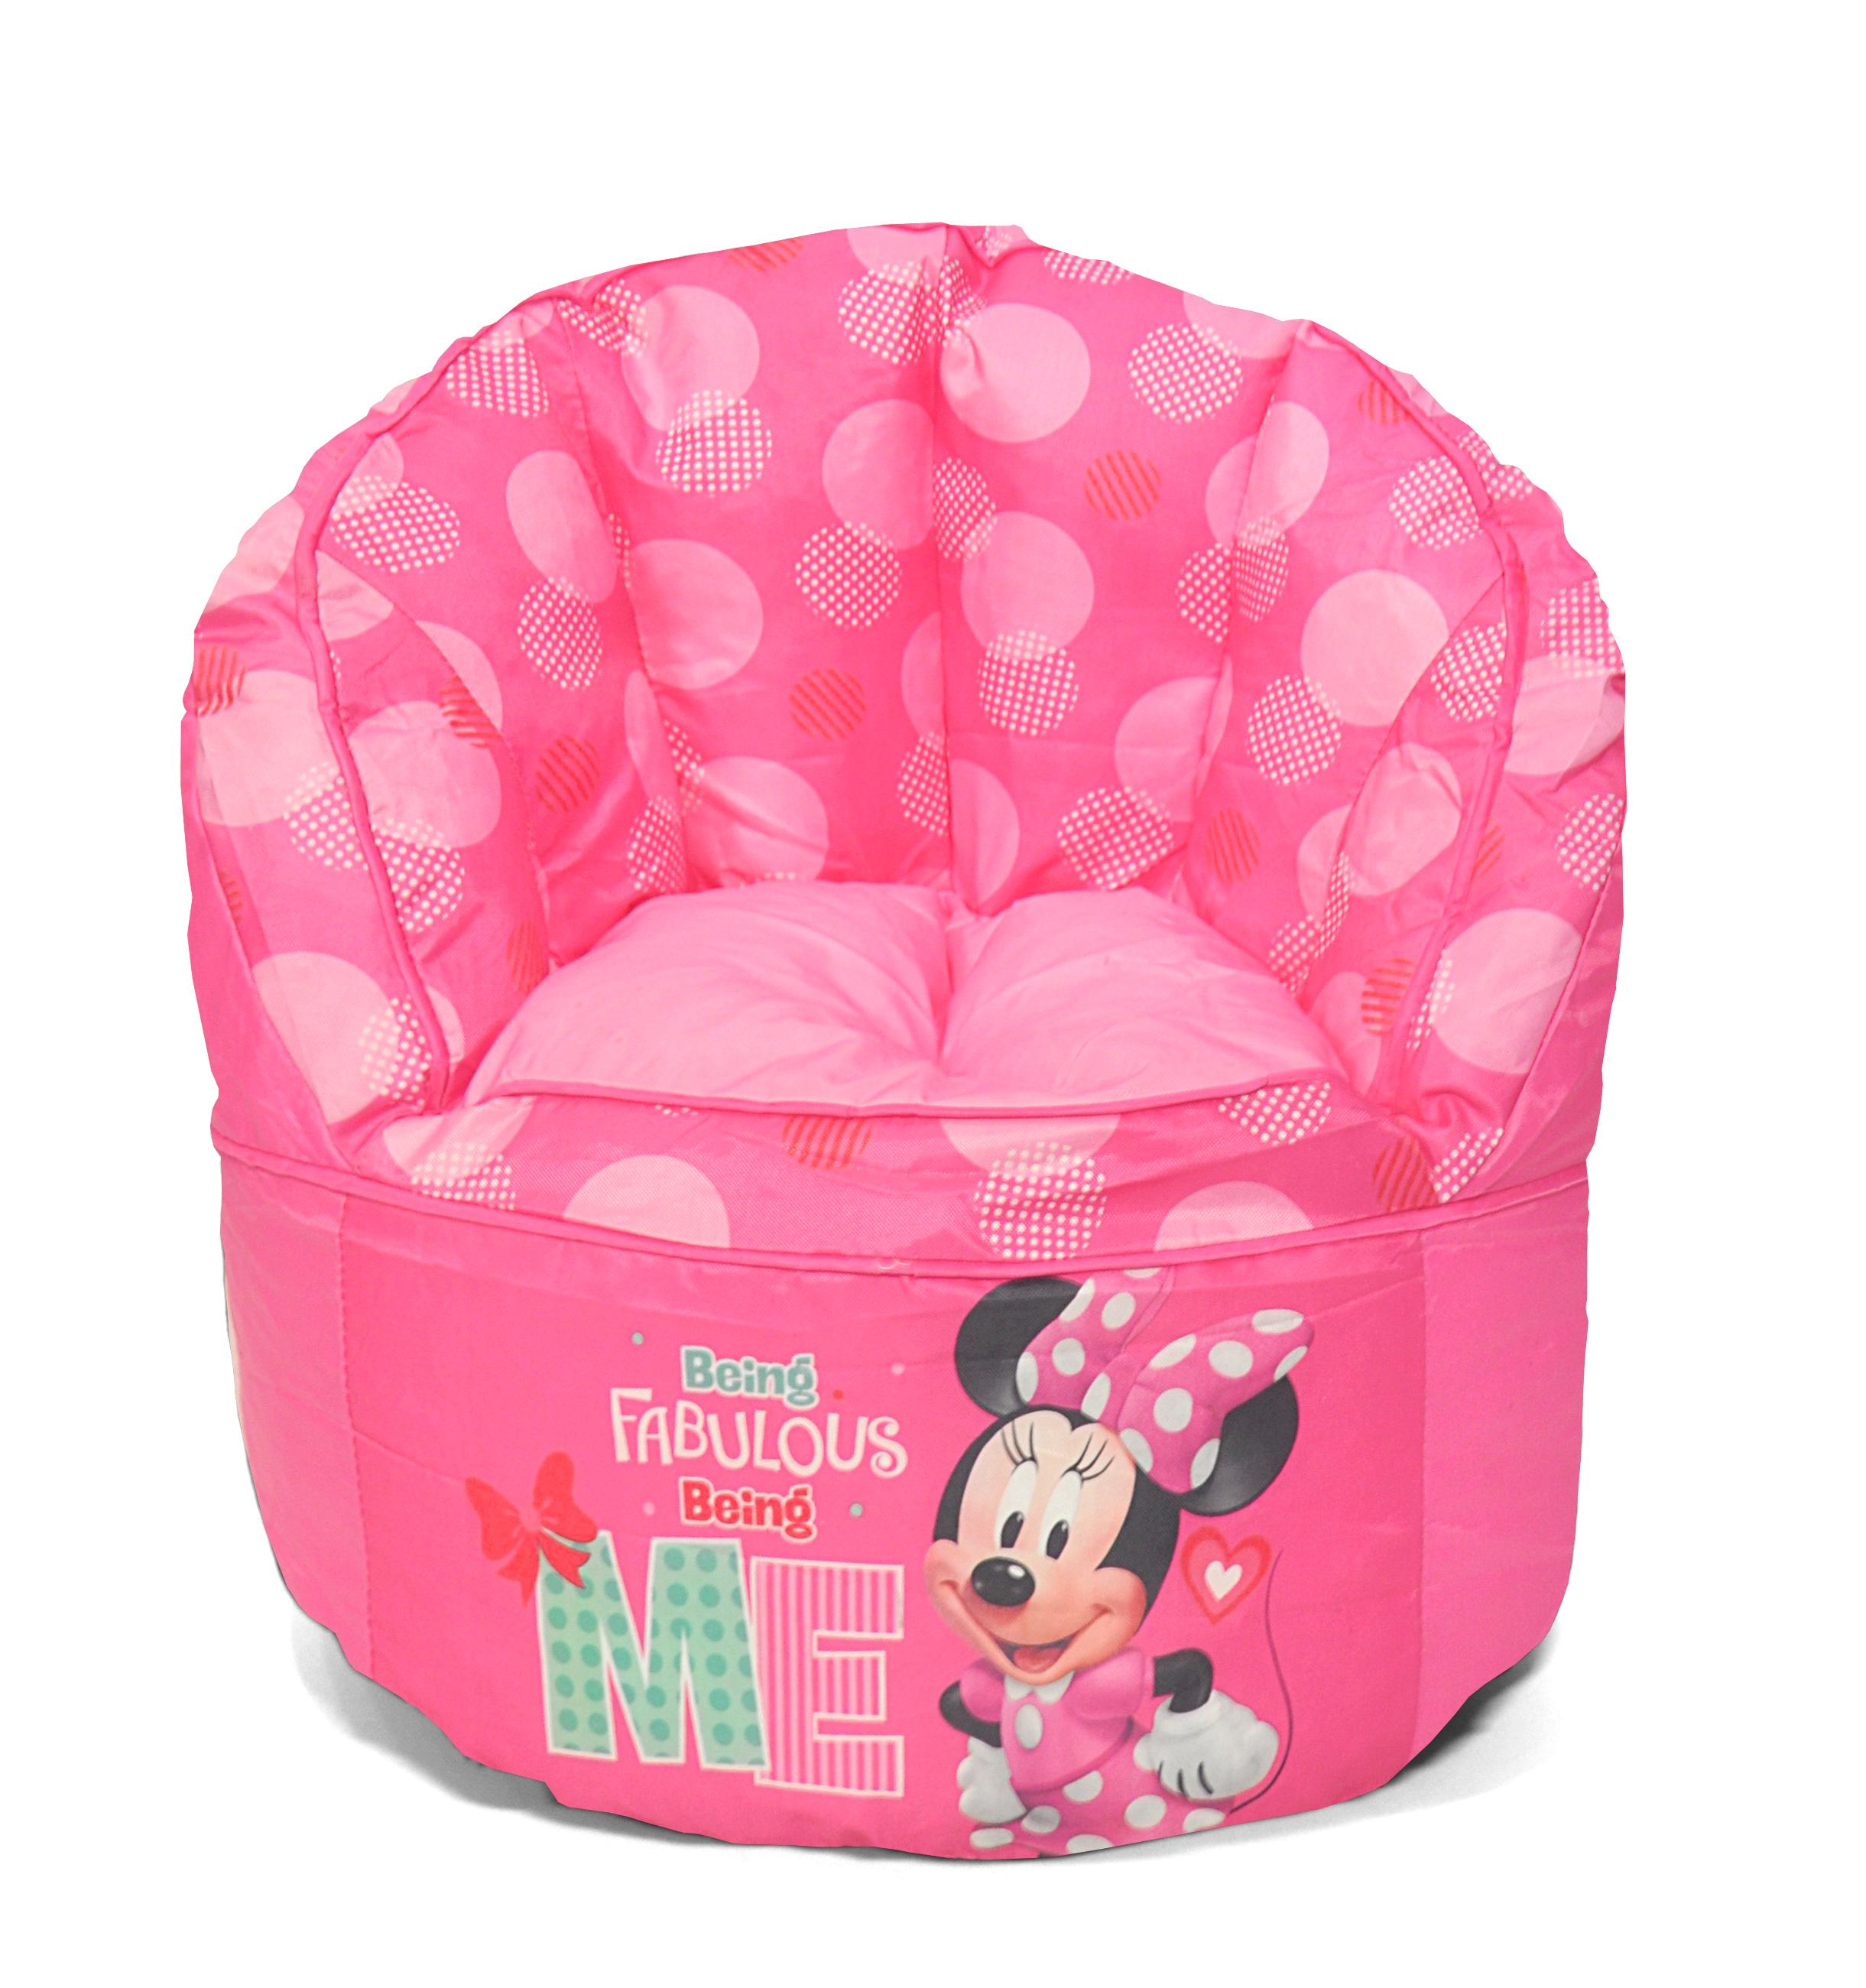 Disney Minnie Mouse Kids Bean Bag Chair $15.00